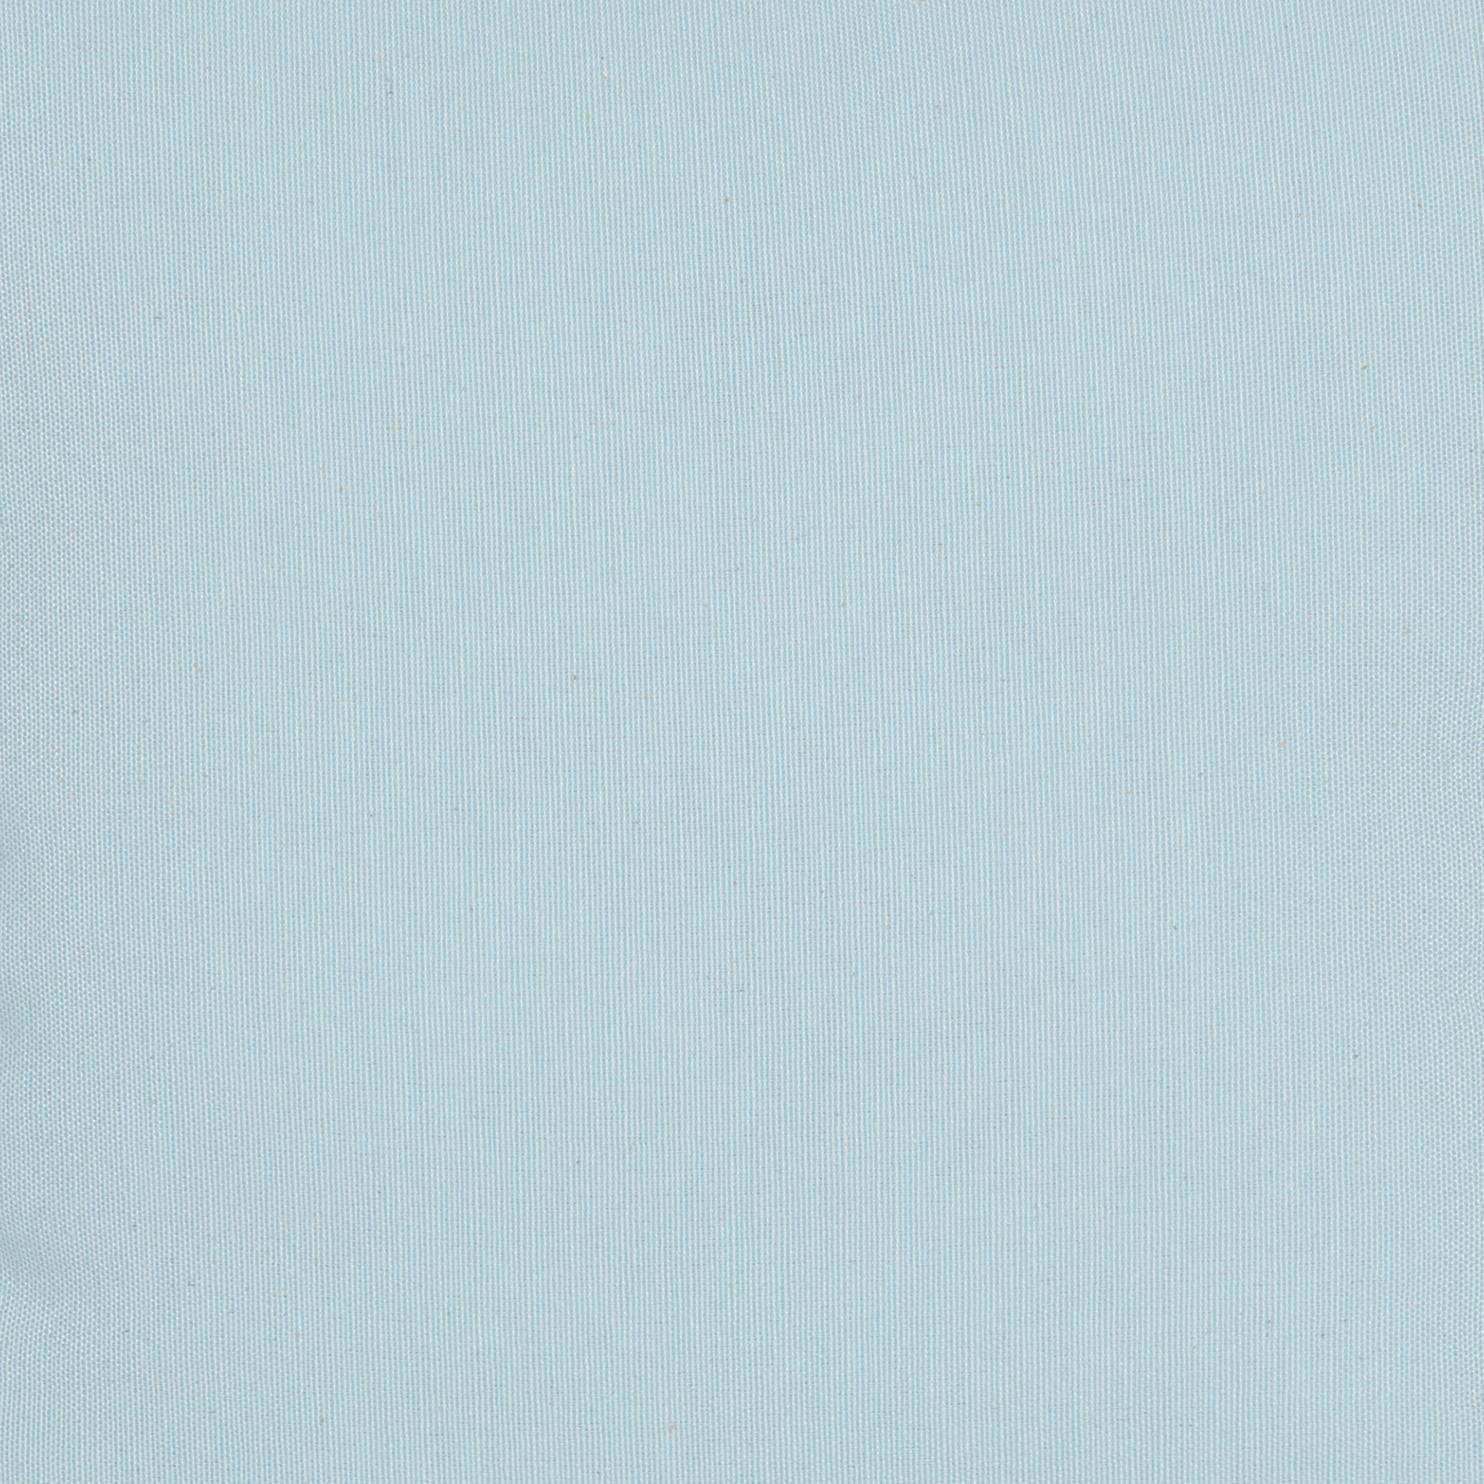 Cuscino INSPIRE Lea azzurro 40x40 cm - 4